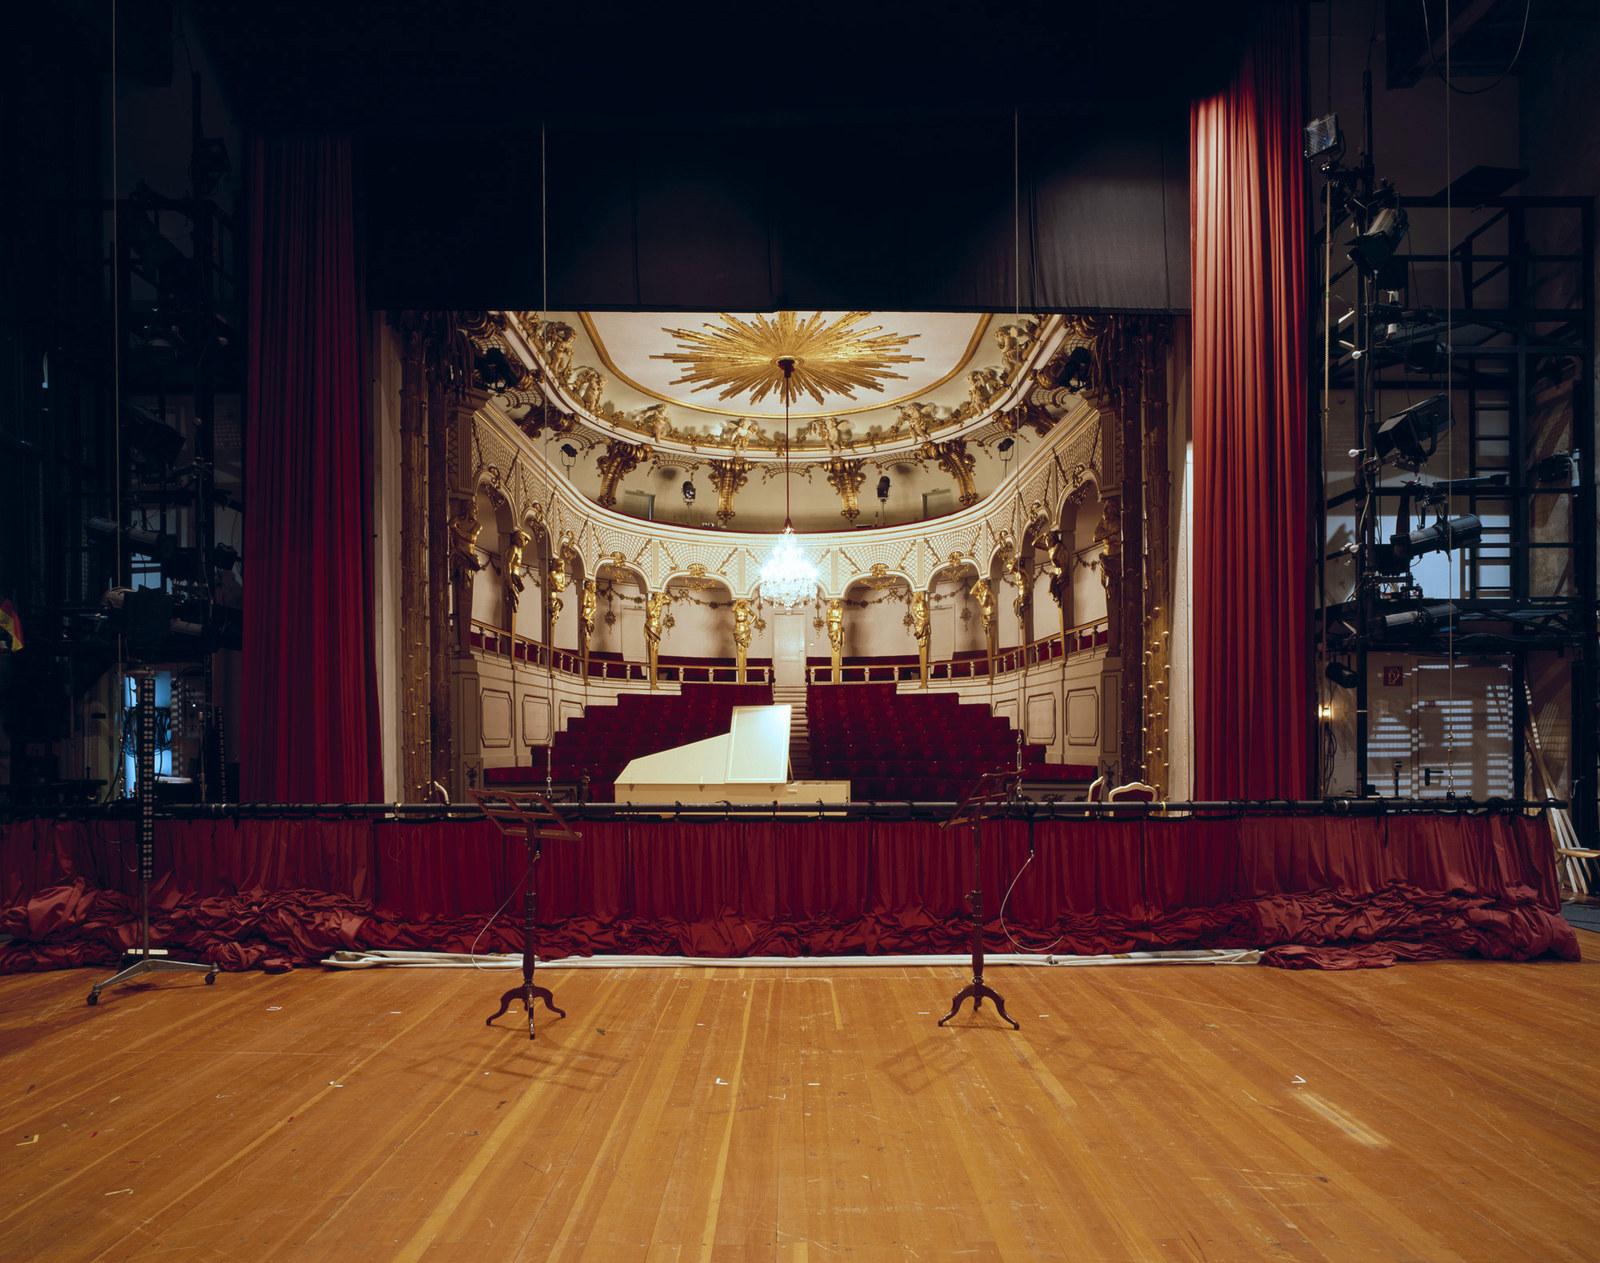 Palace Theatre, Sanssoucis, Potsdam